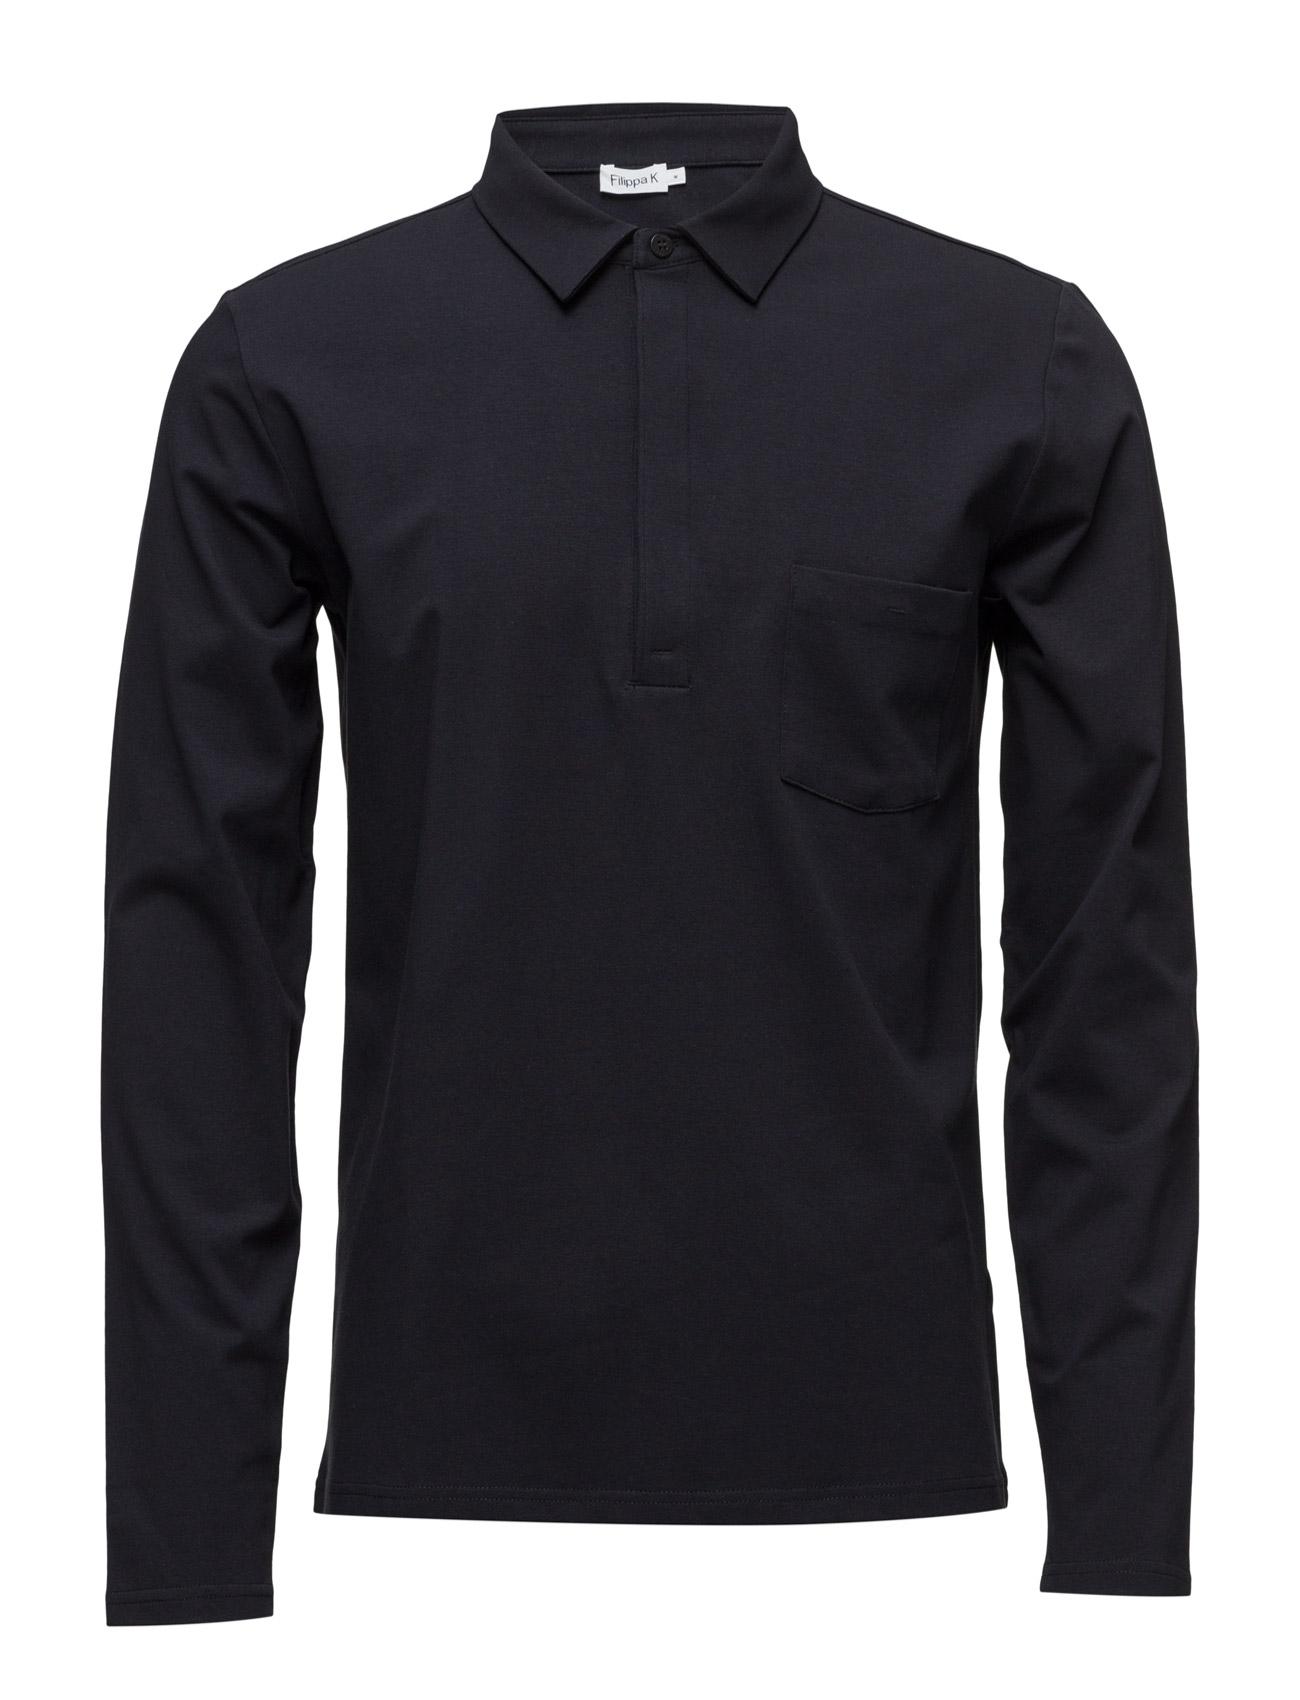 M. Soft Lycra Poloshirt Filippa K Længærmede Pikétröjor